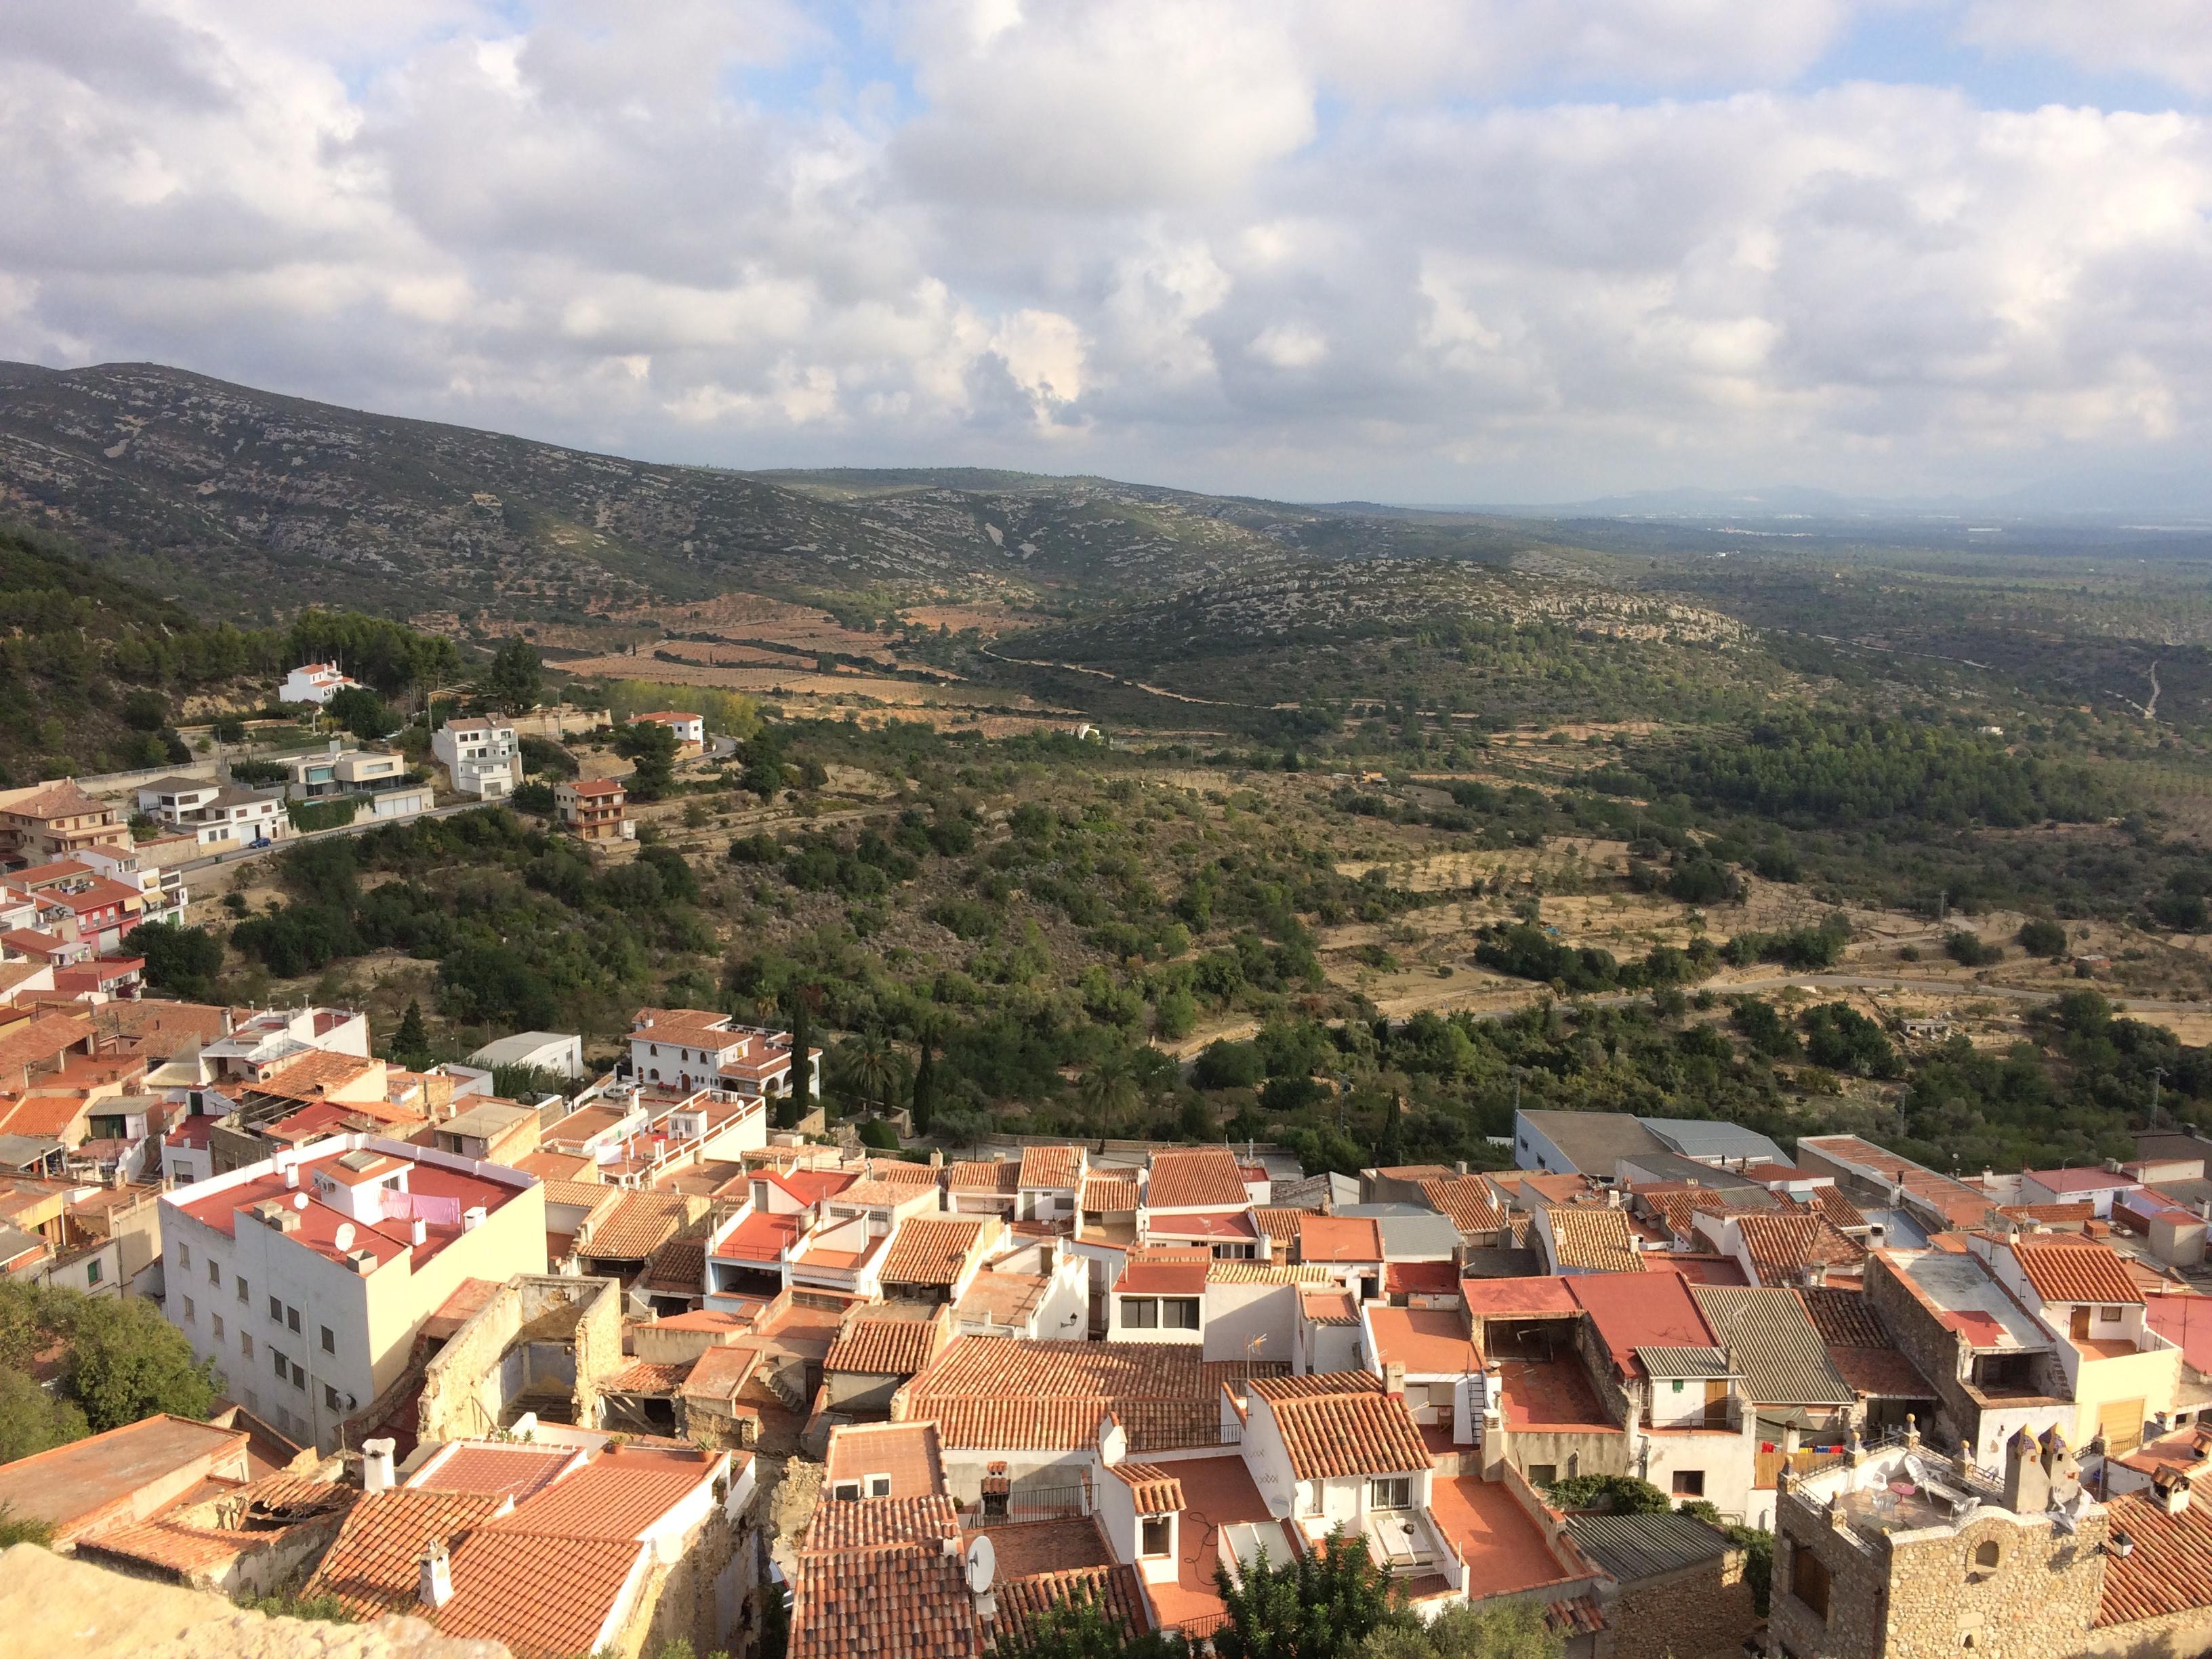 Gemeinschaftssuche – die vierte Station: Ankunft in Spanien